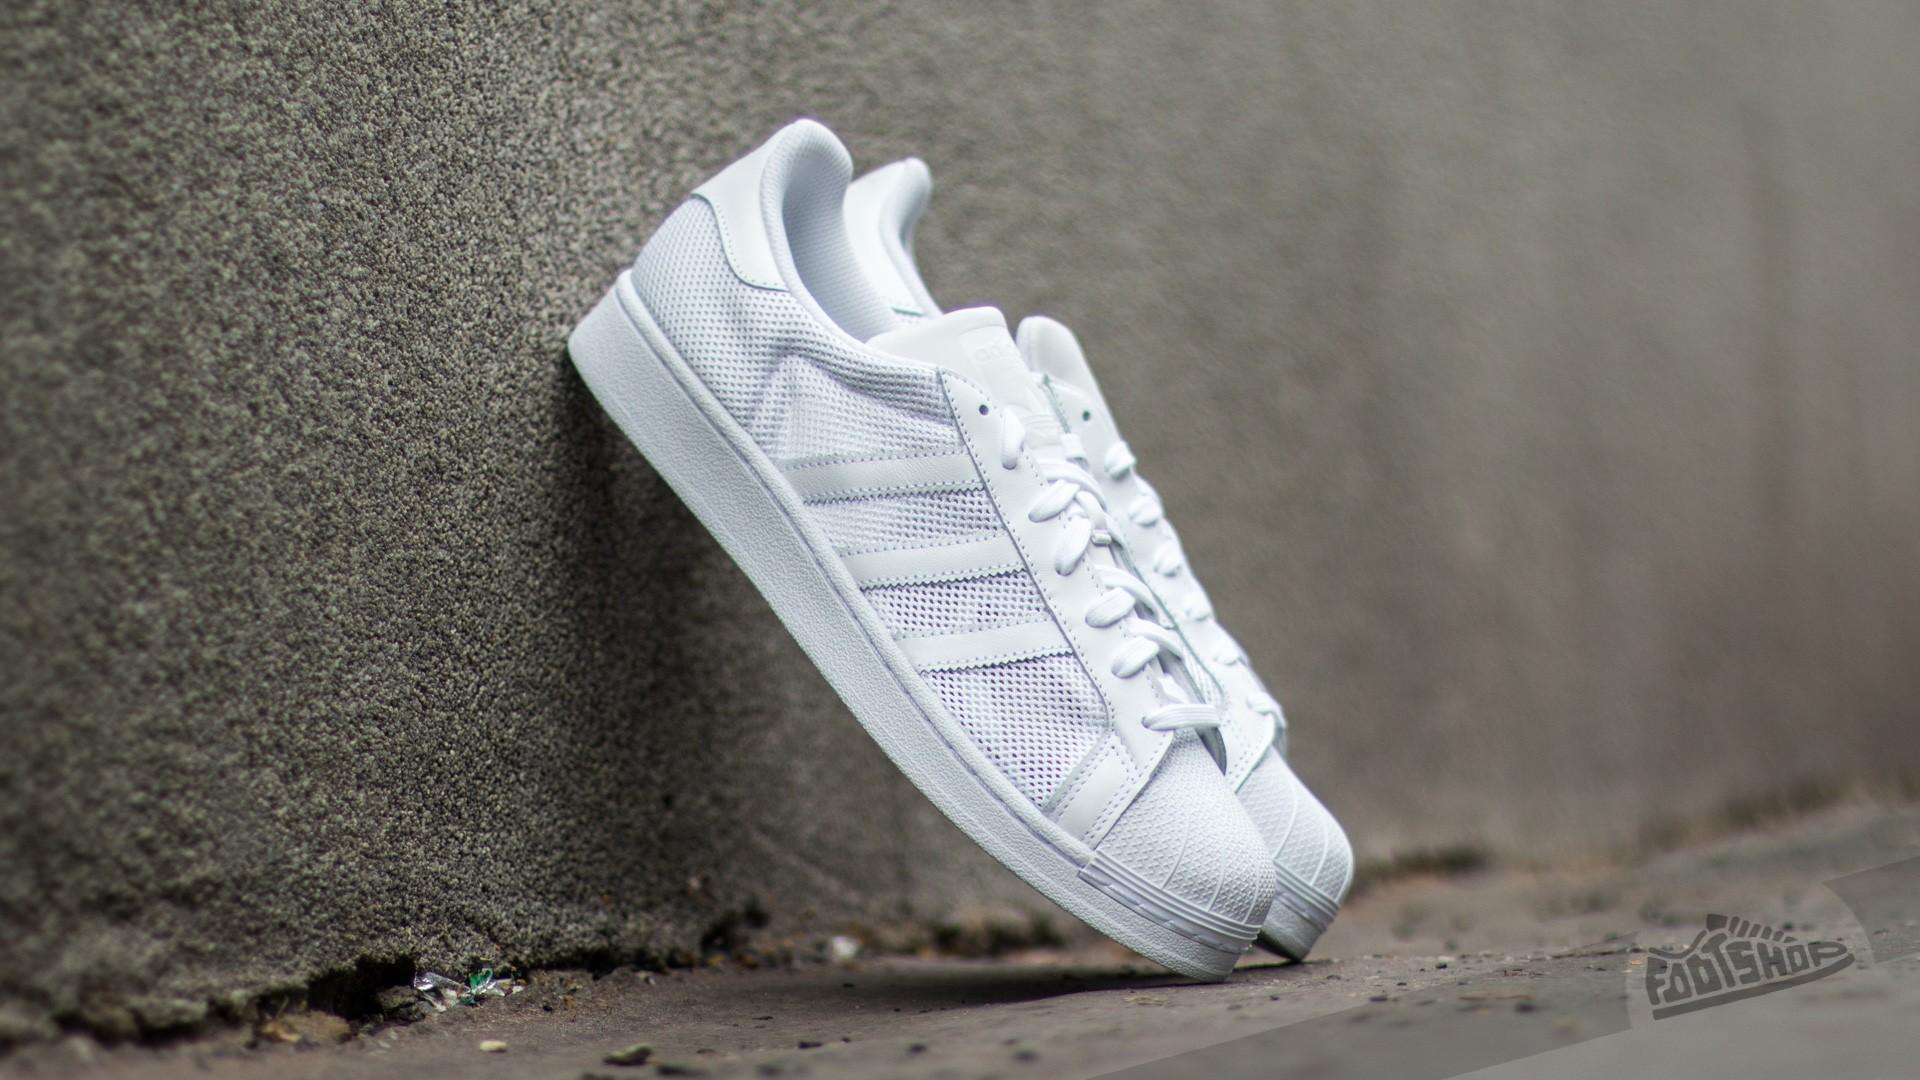 adidas Superstar Ftw White/ Ftw White/ Ftw White Footshop – FR